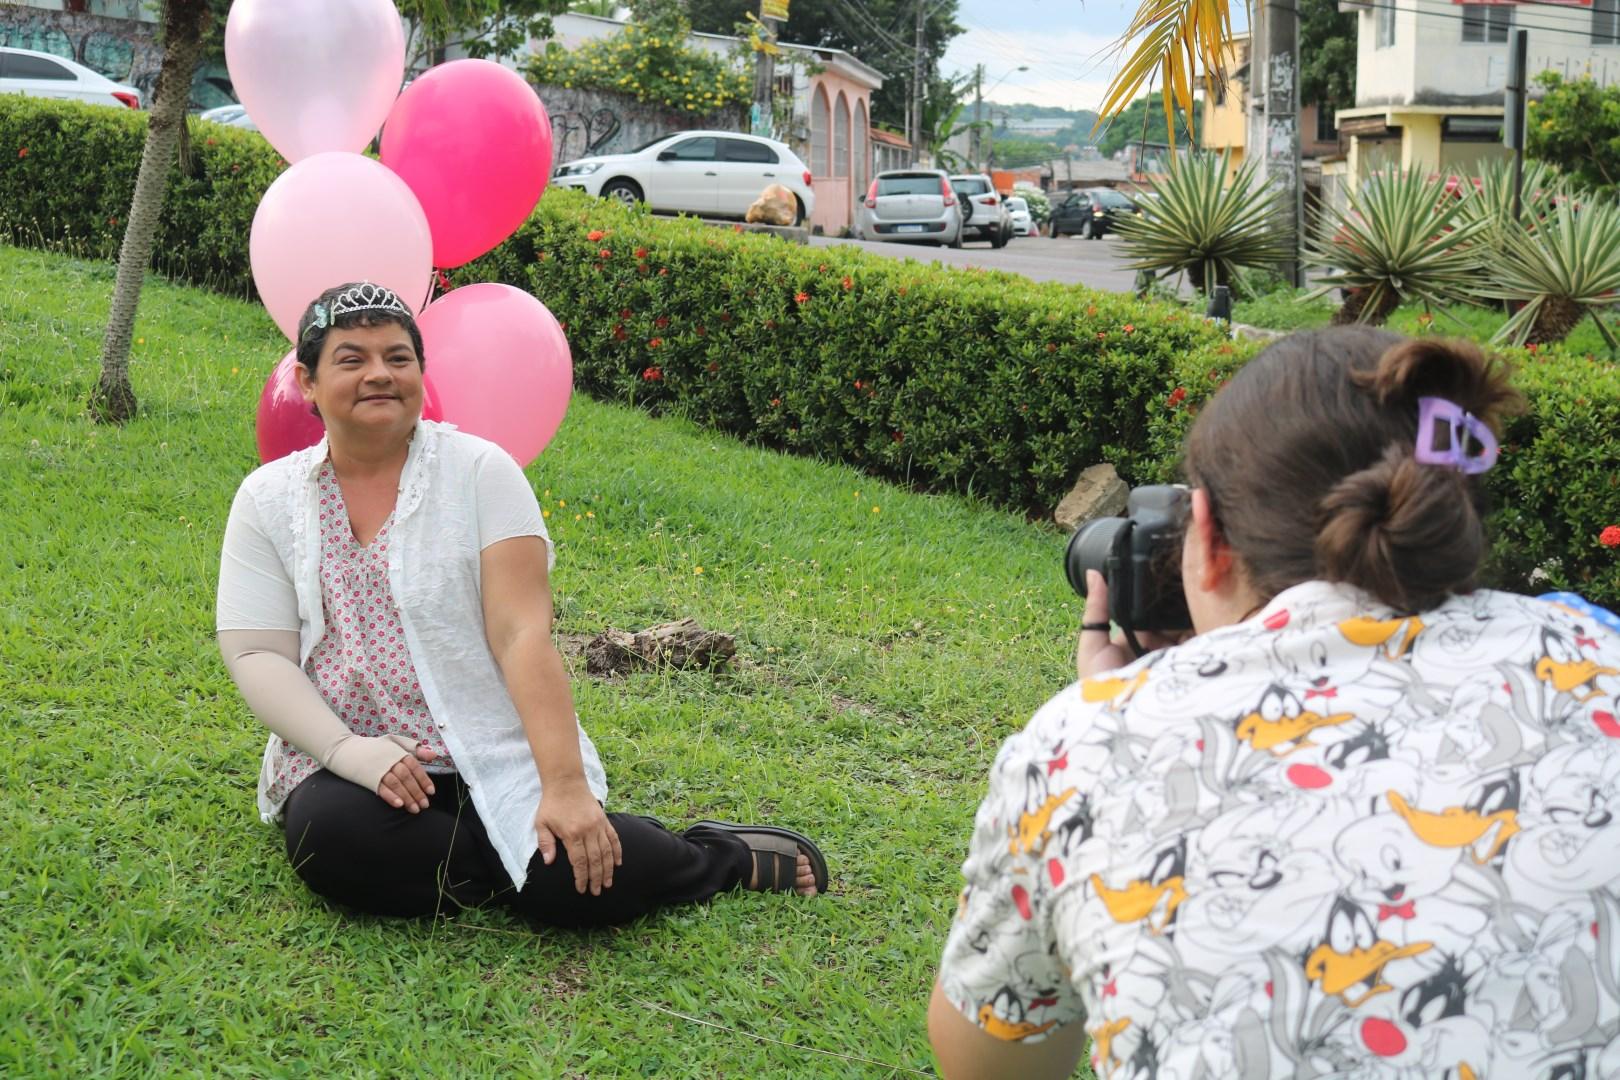 Natural de Boa Vista (RR), Jéssica acredita que as fotografias ajudam no tratamento / Foto : Divulgação